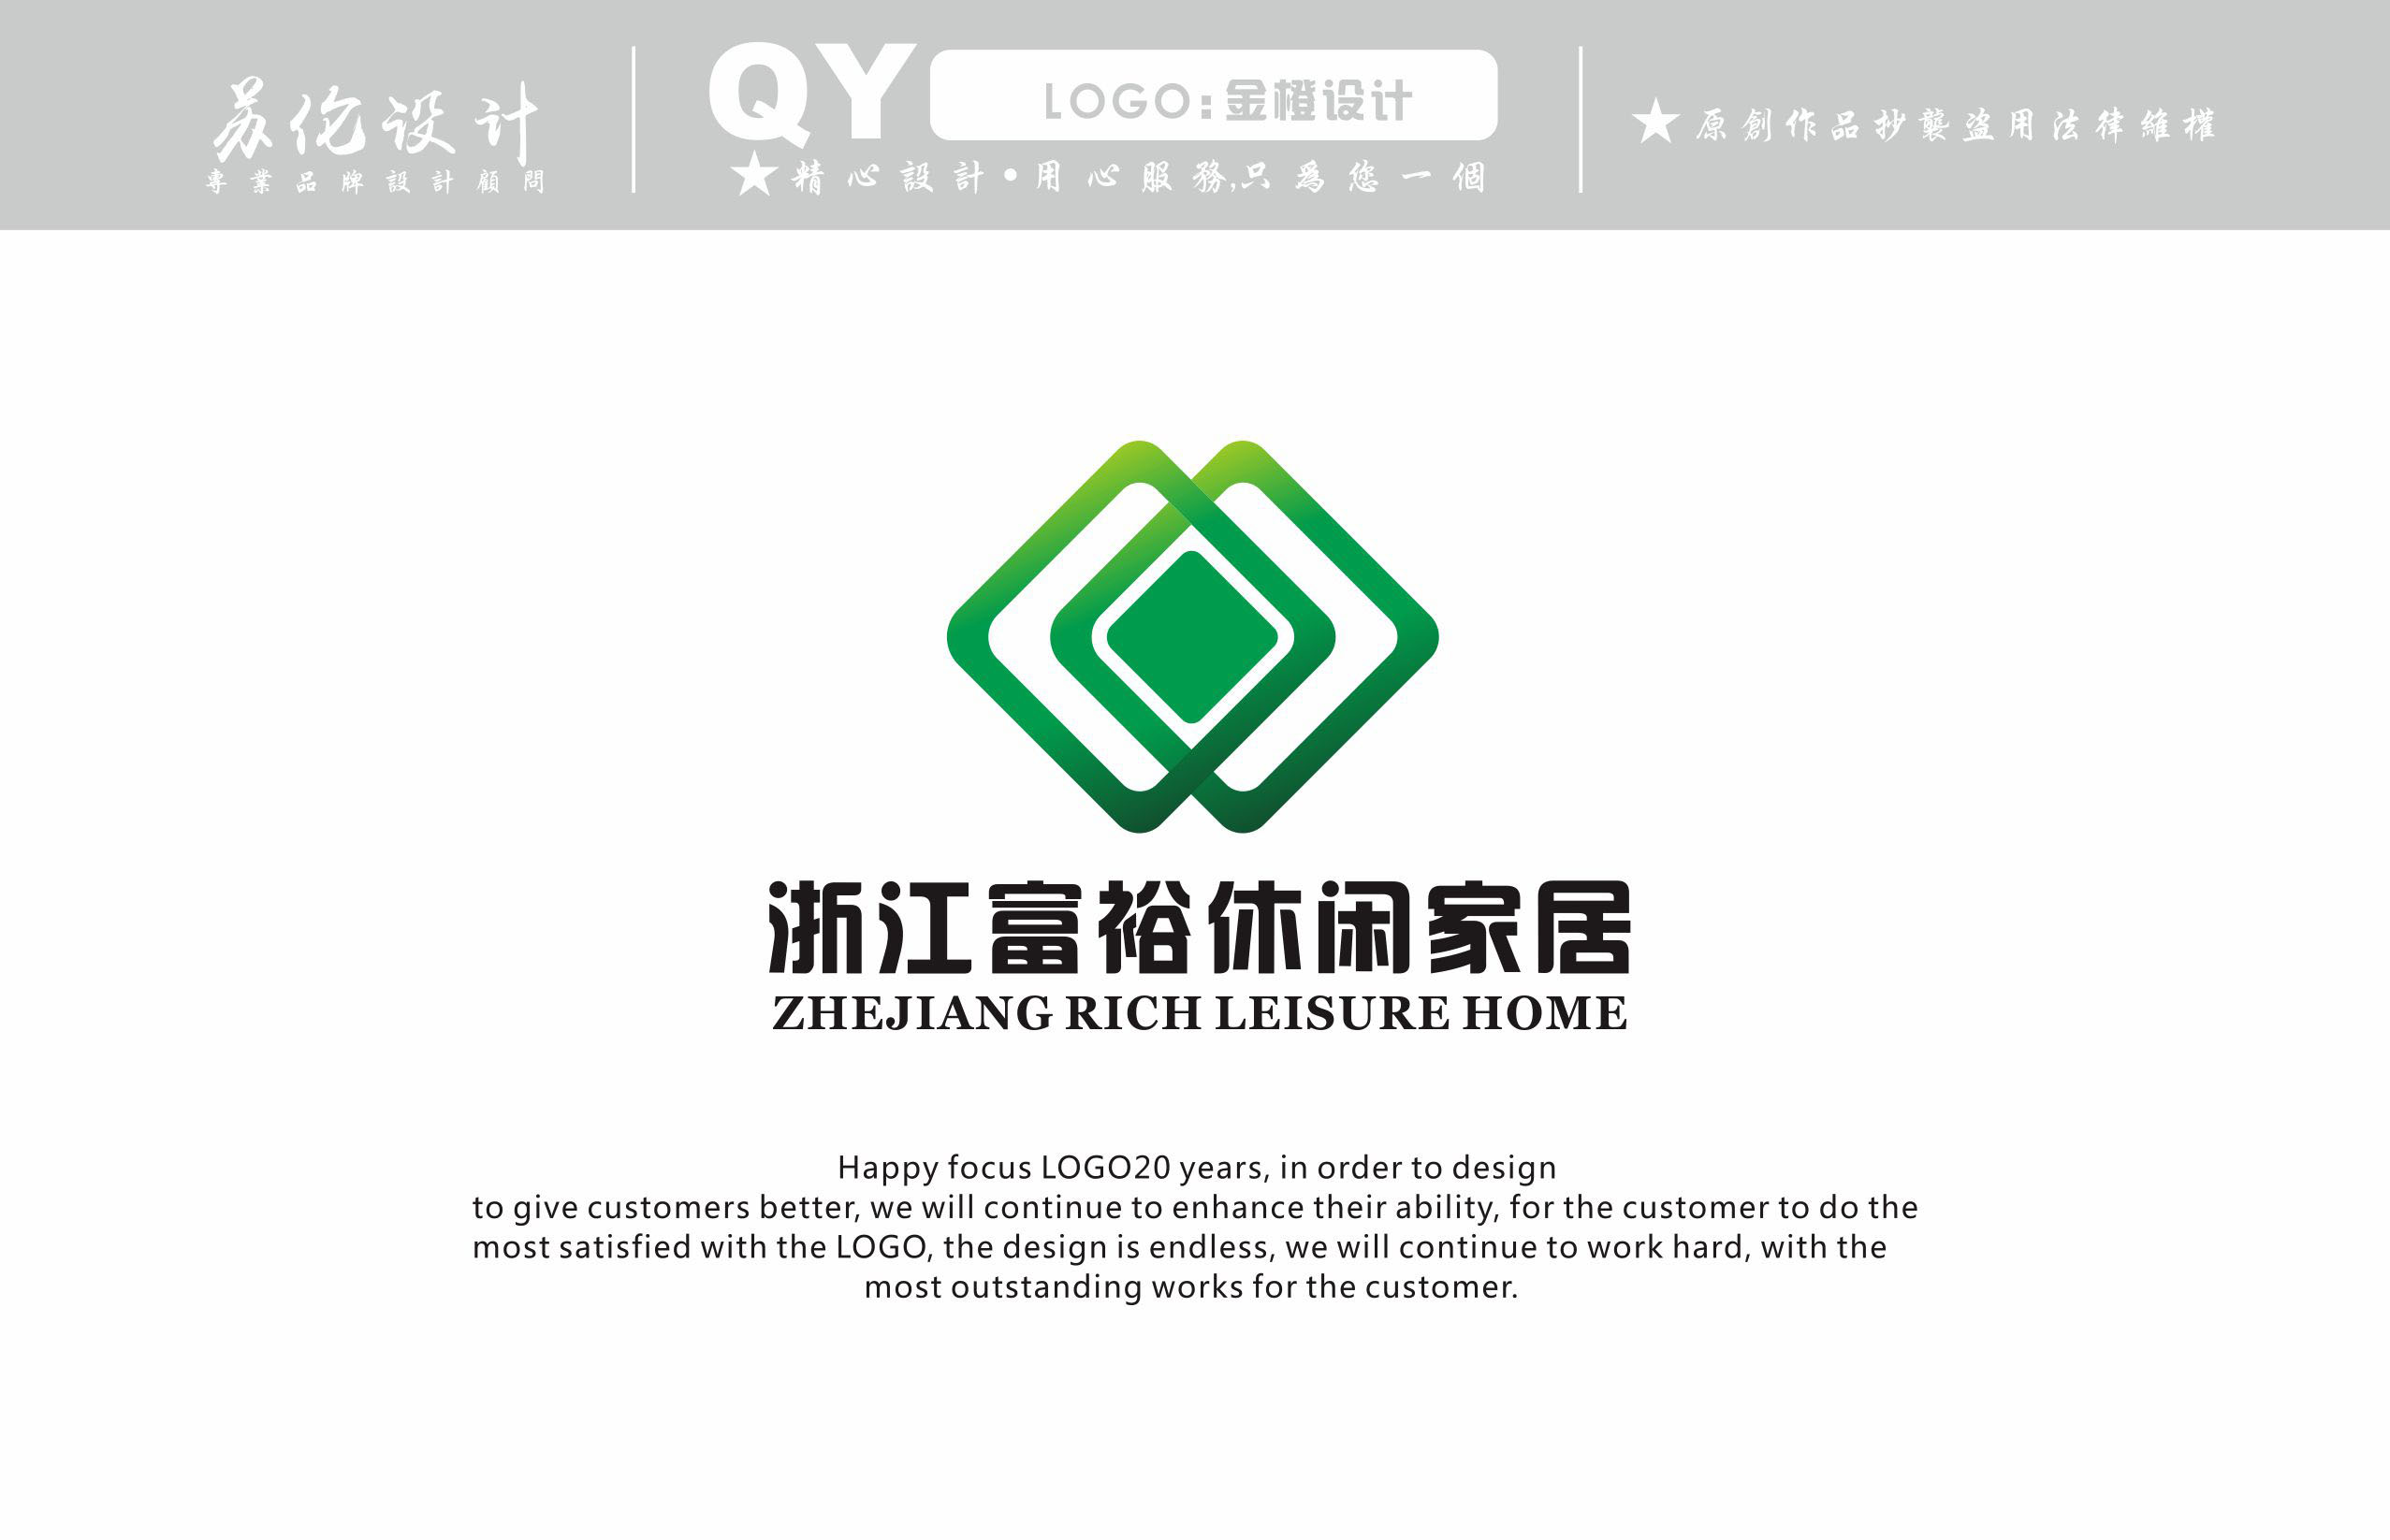 环保公司lougou设计图展示图片